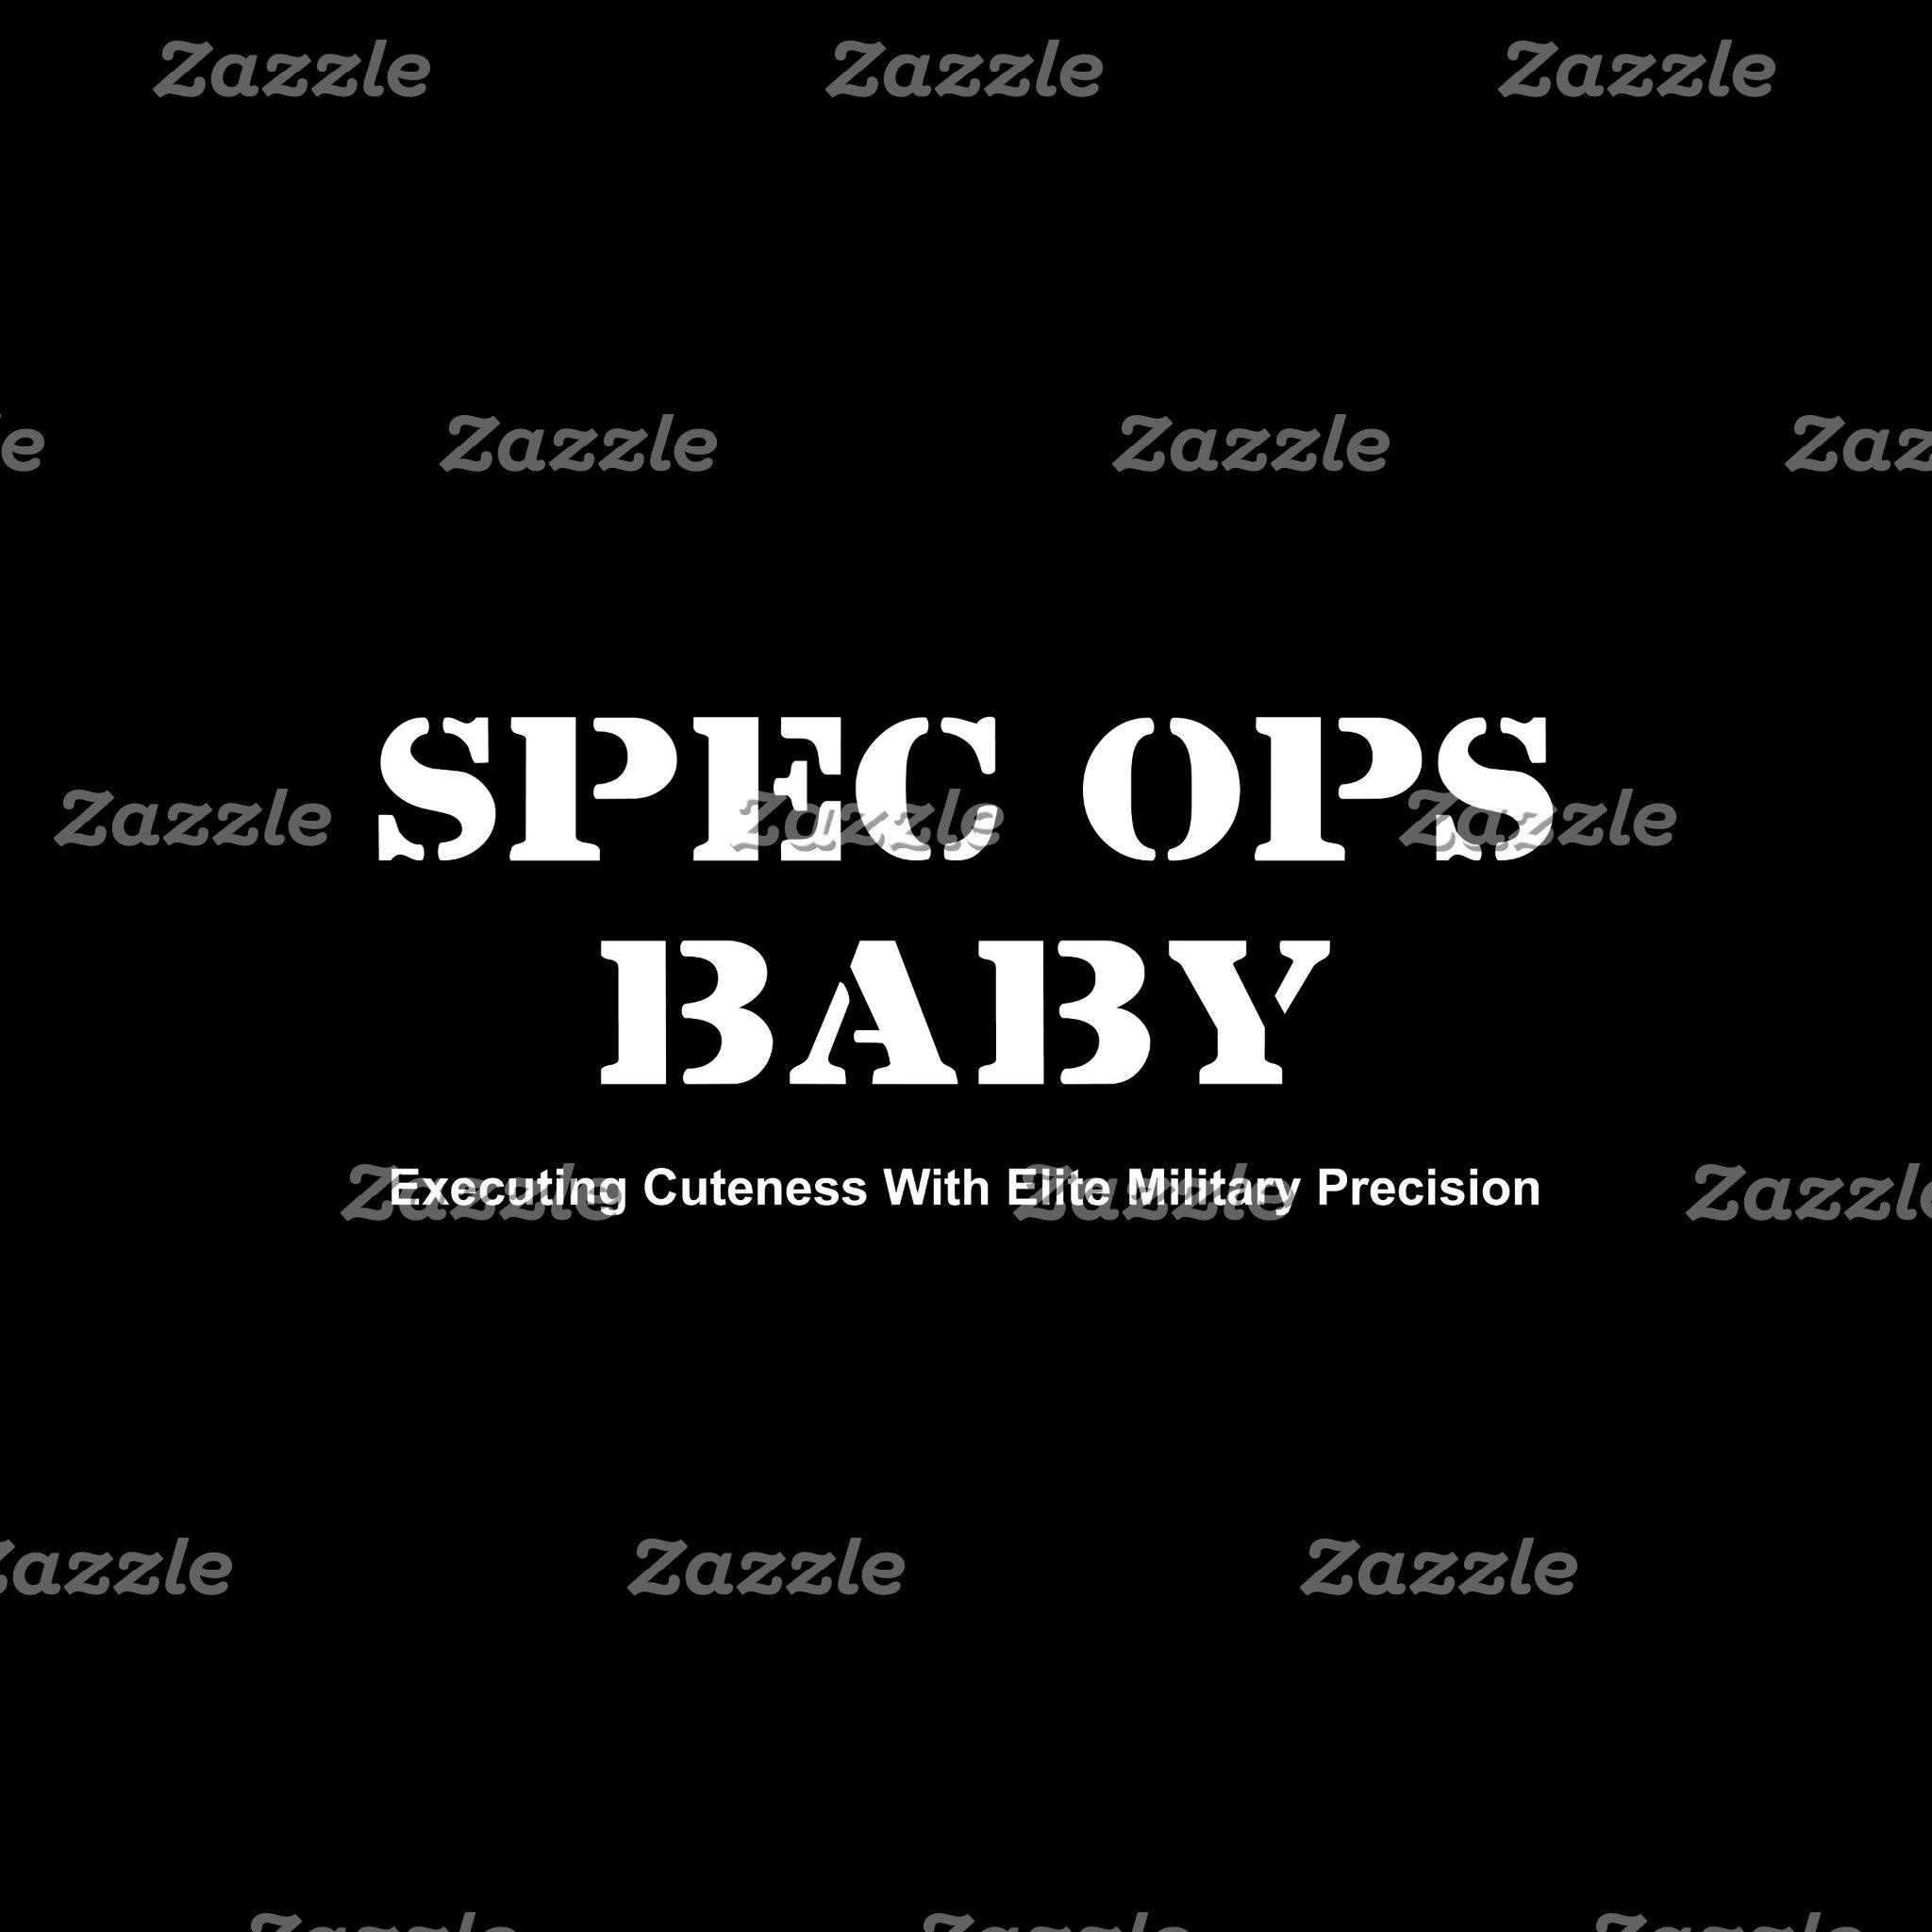 Spec Ops Baby